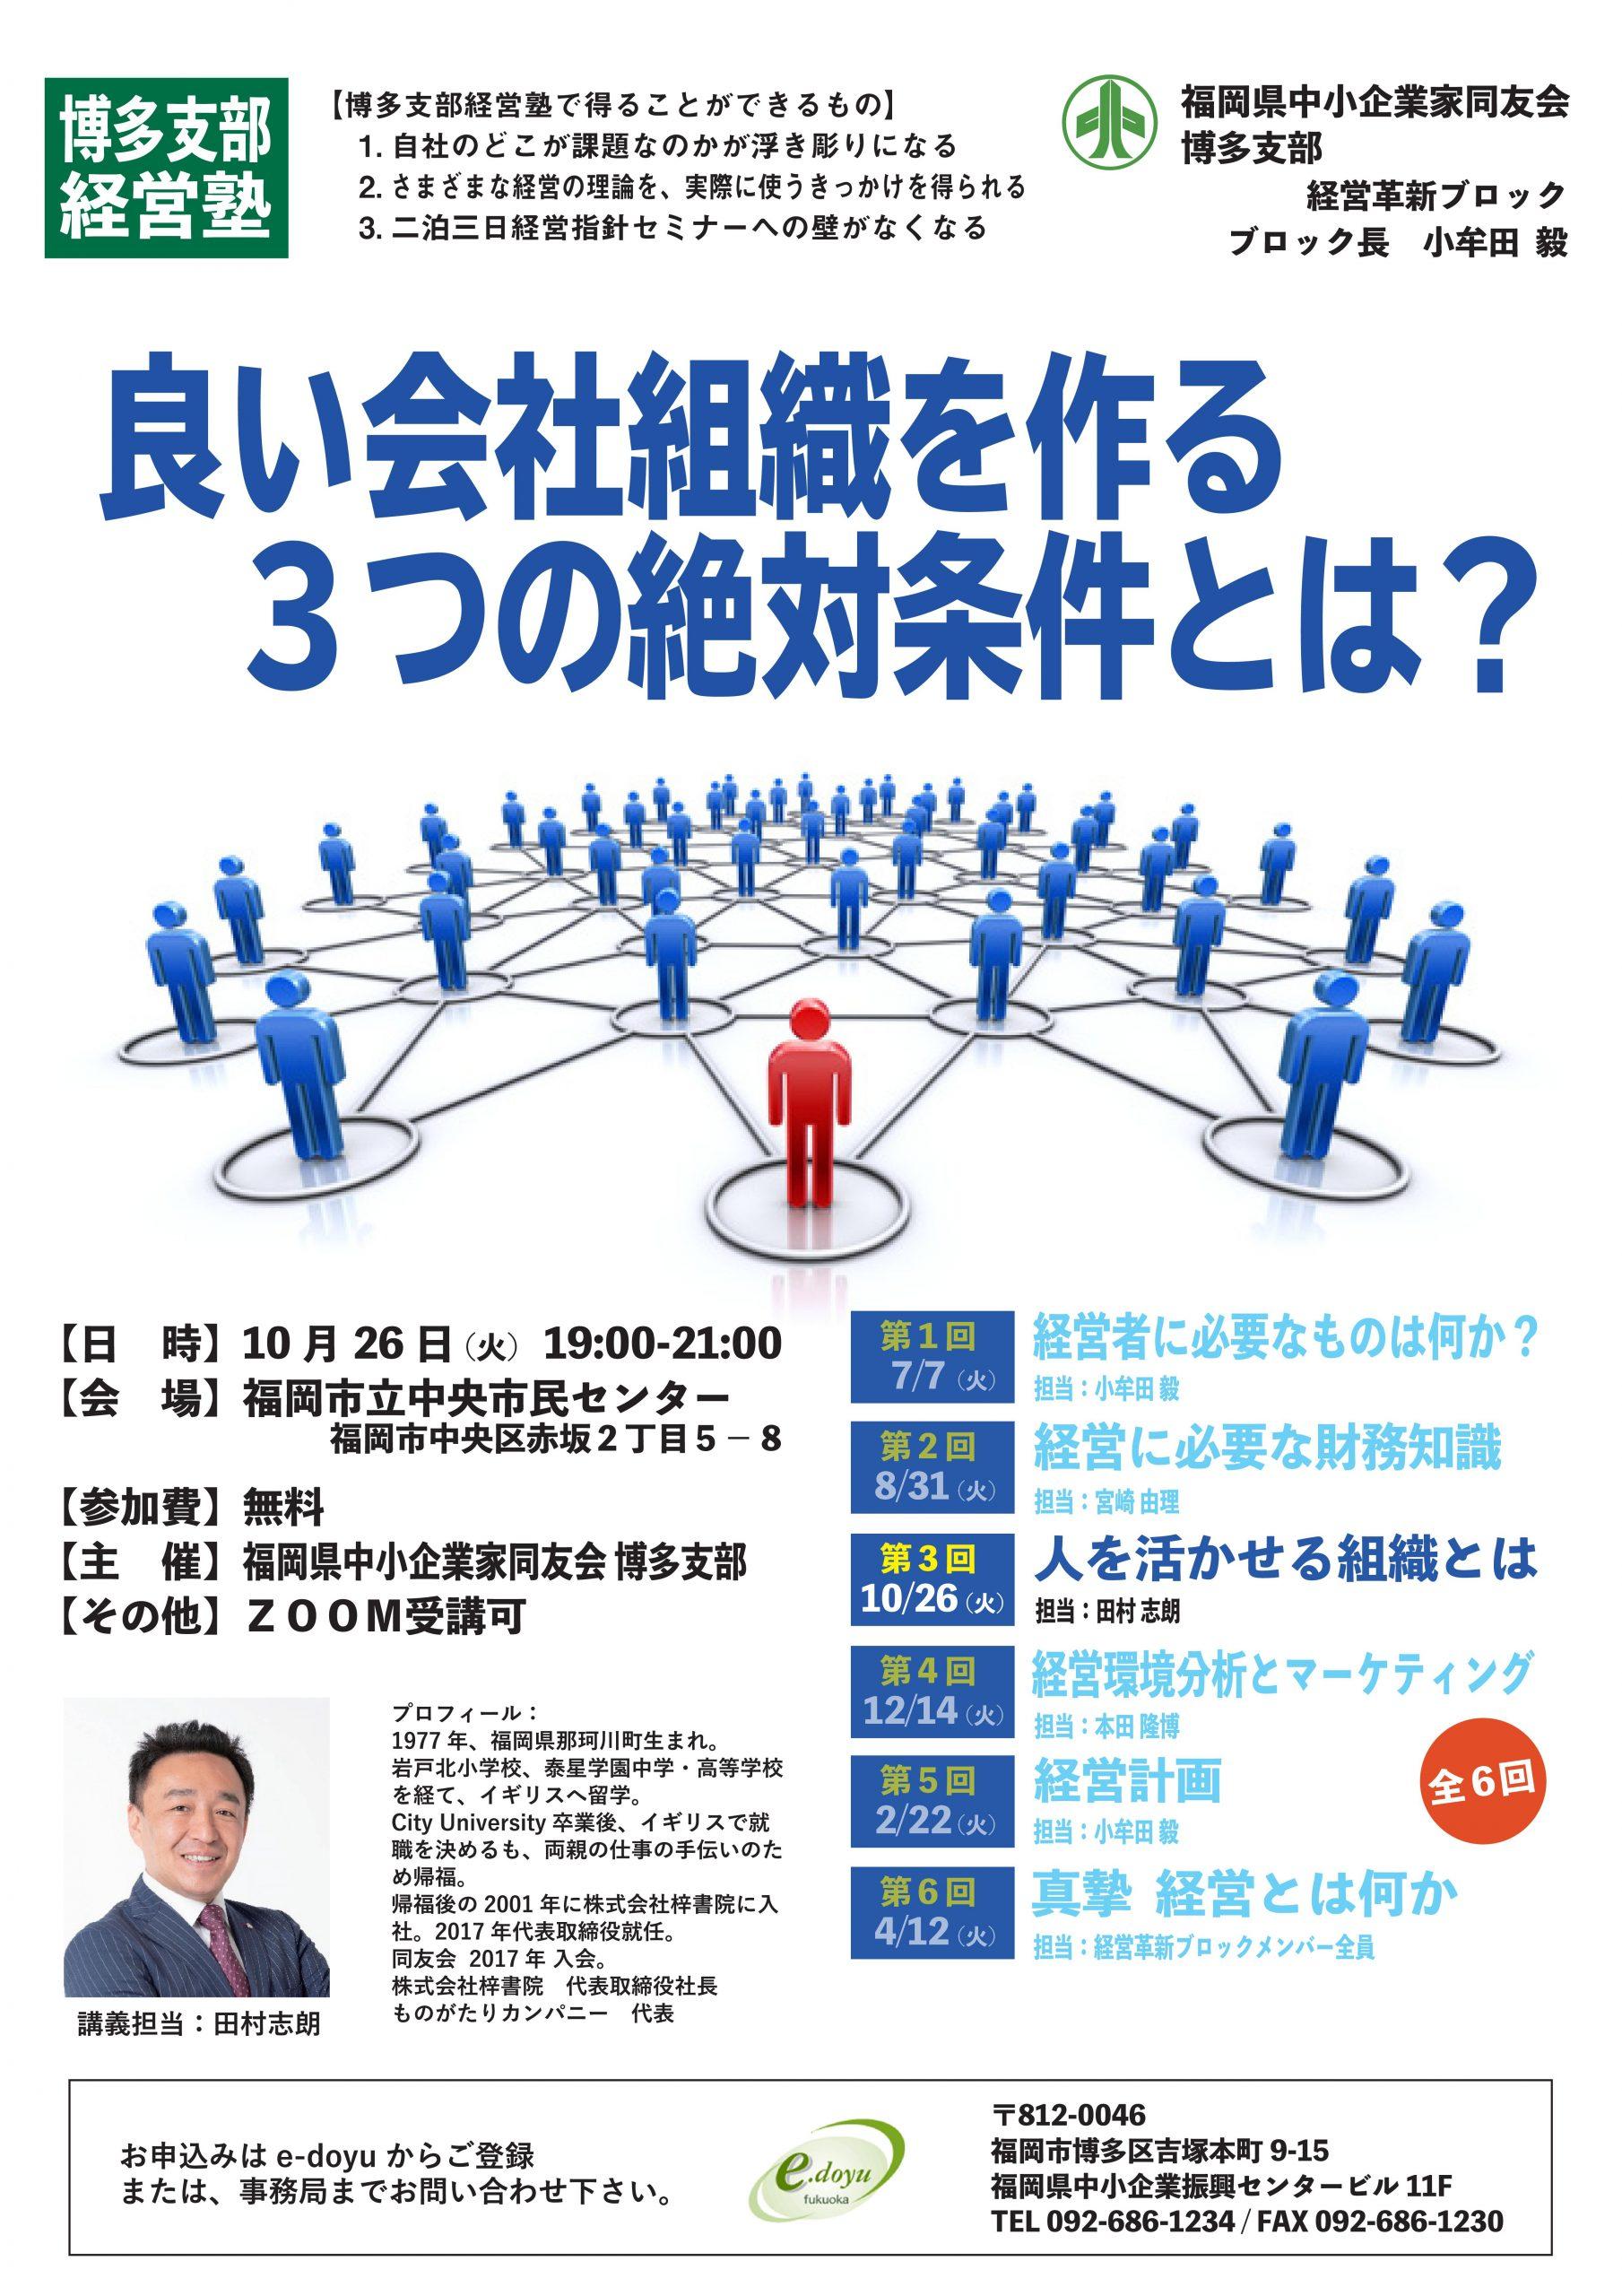 【経営革新ブロック】第3回「博多支部経営塾」